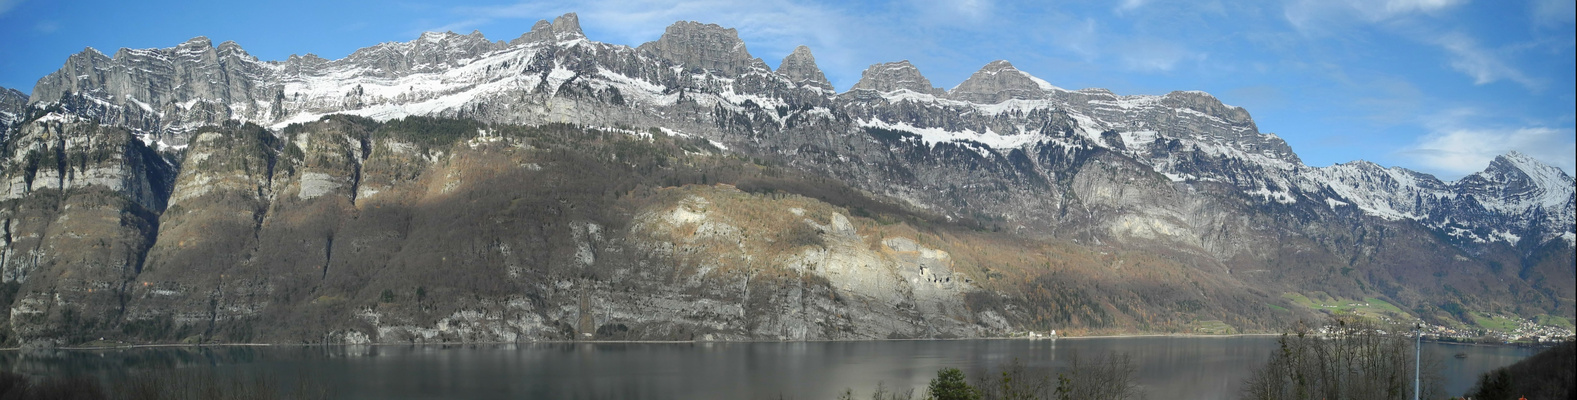 Panorama der Churfirsten bei Föhn